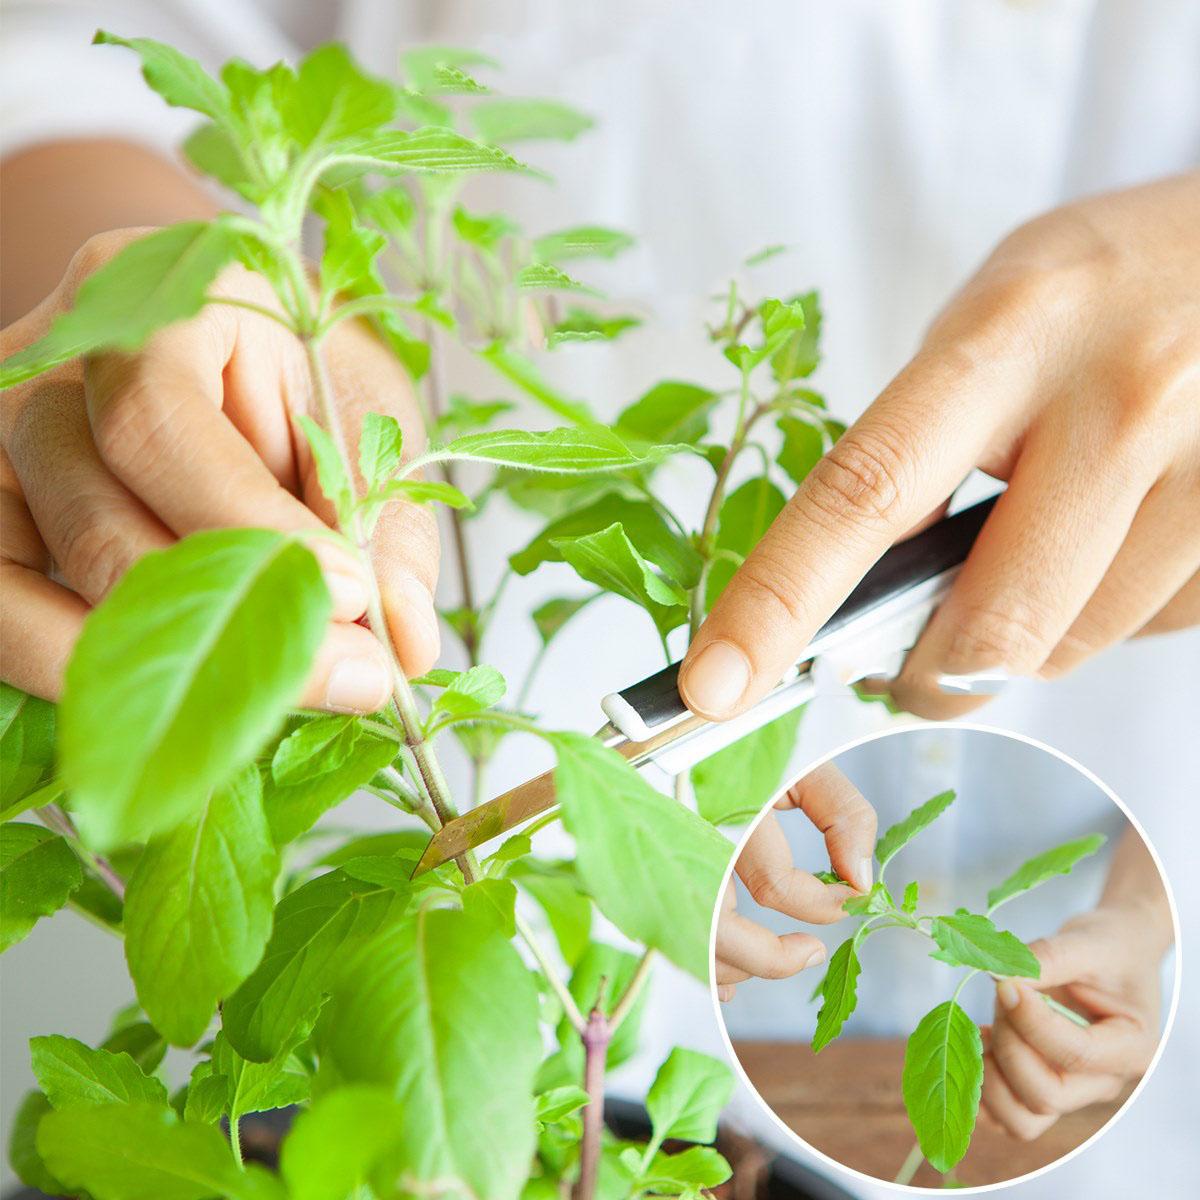 Cắt rau bỏ trong chai nhựa, cách làm đơn giản nhưng thu hoạch rau nhiều bất ngờ - Ảnh 10.